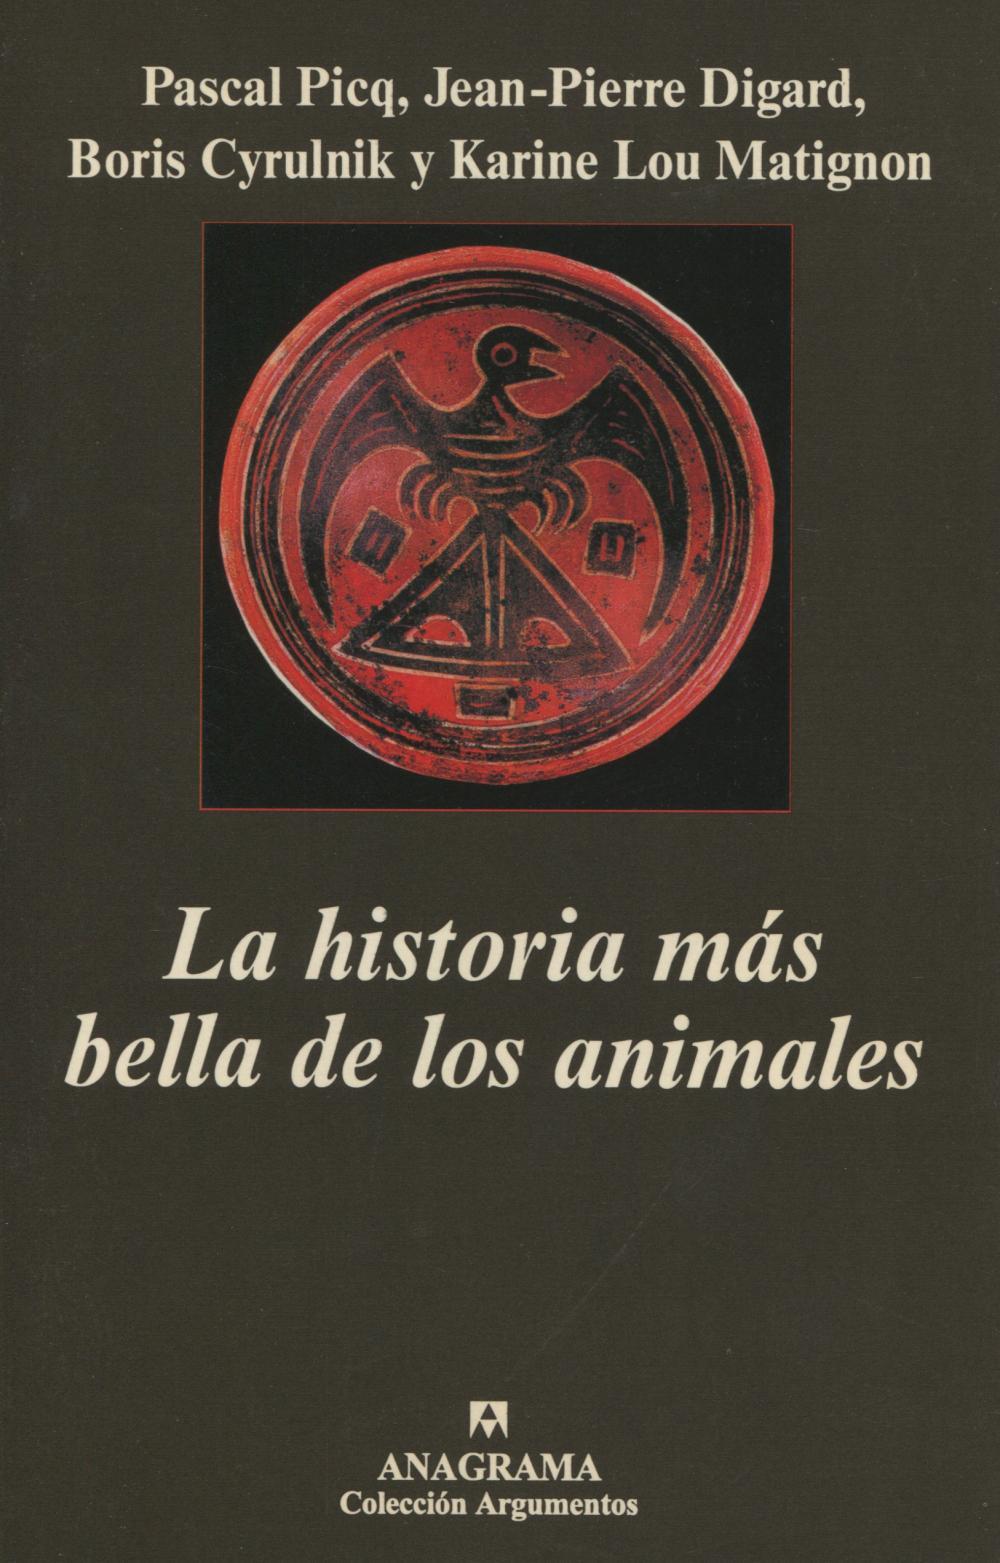 La historia más bella de los animales